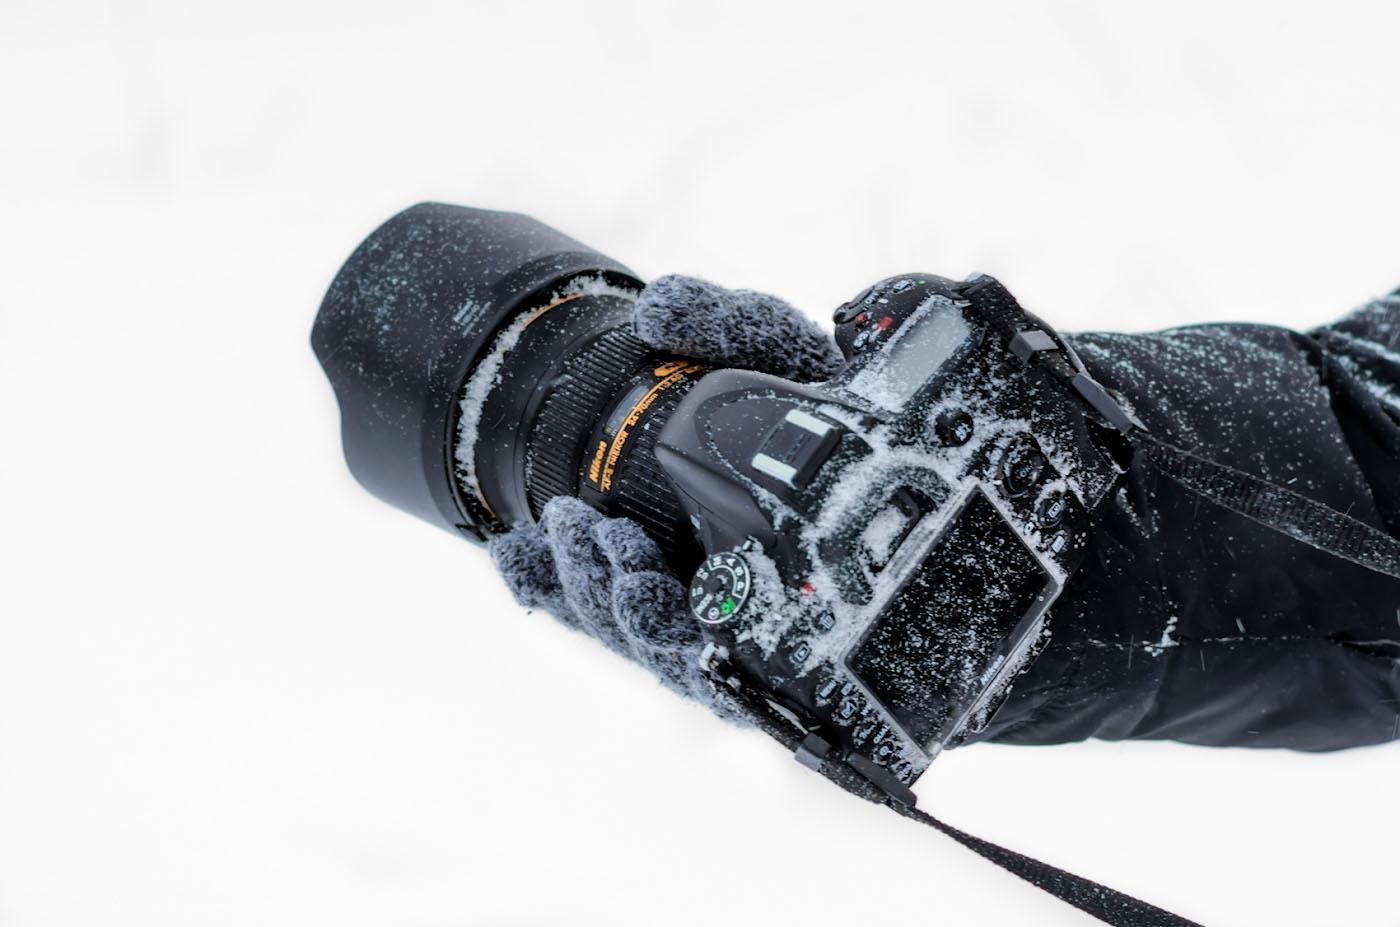 38. Испытания для фототехники во время зимних походов выходного дня по горам Южного Урала. В кадре – Nikon D610 и объектив Nikon 24-70mm f/2.8, снято на кропнутый Nikon D5100 и полтинник Nikon 50mm f/1.8G. Параметры: 1/80, +0.67, 3.5, 200, 50.